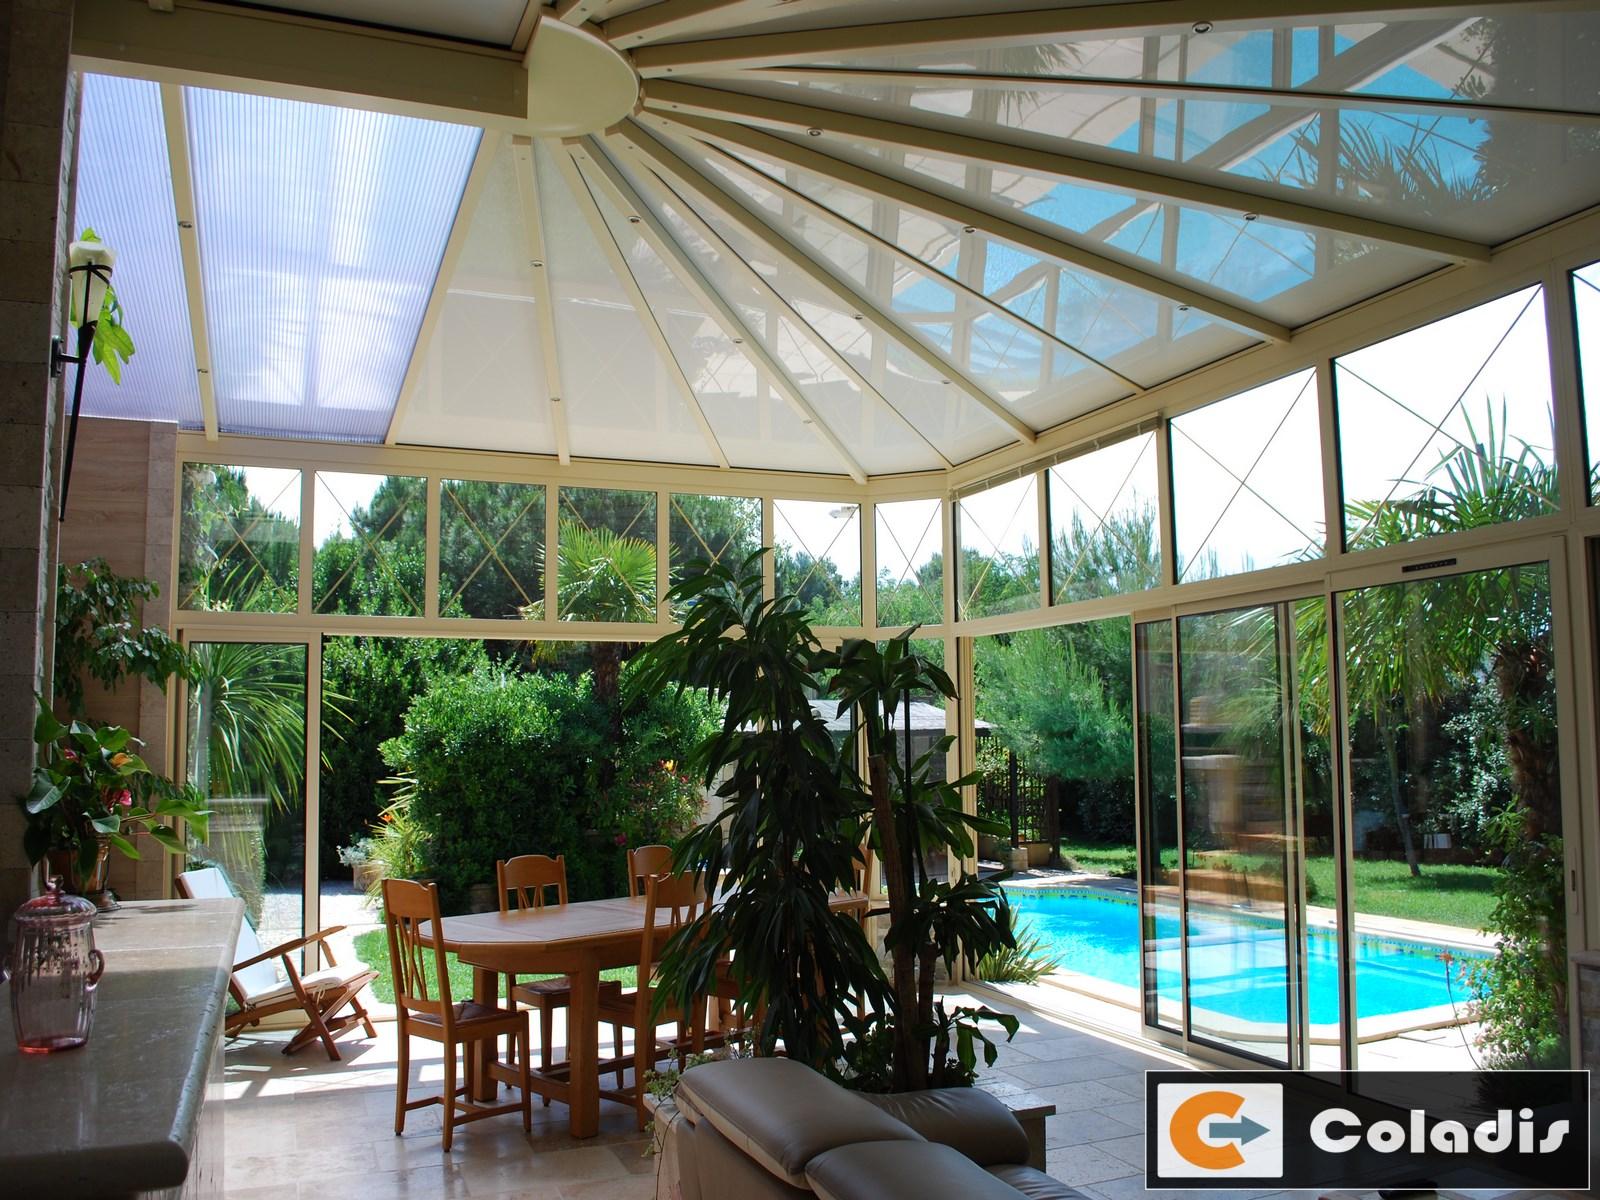 Coladis veranda petit bois Montpellier Hérault 34